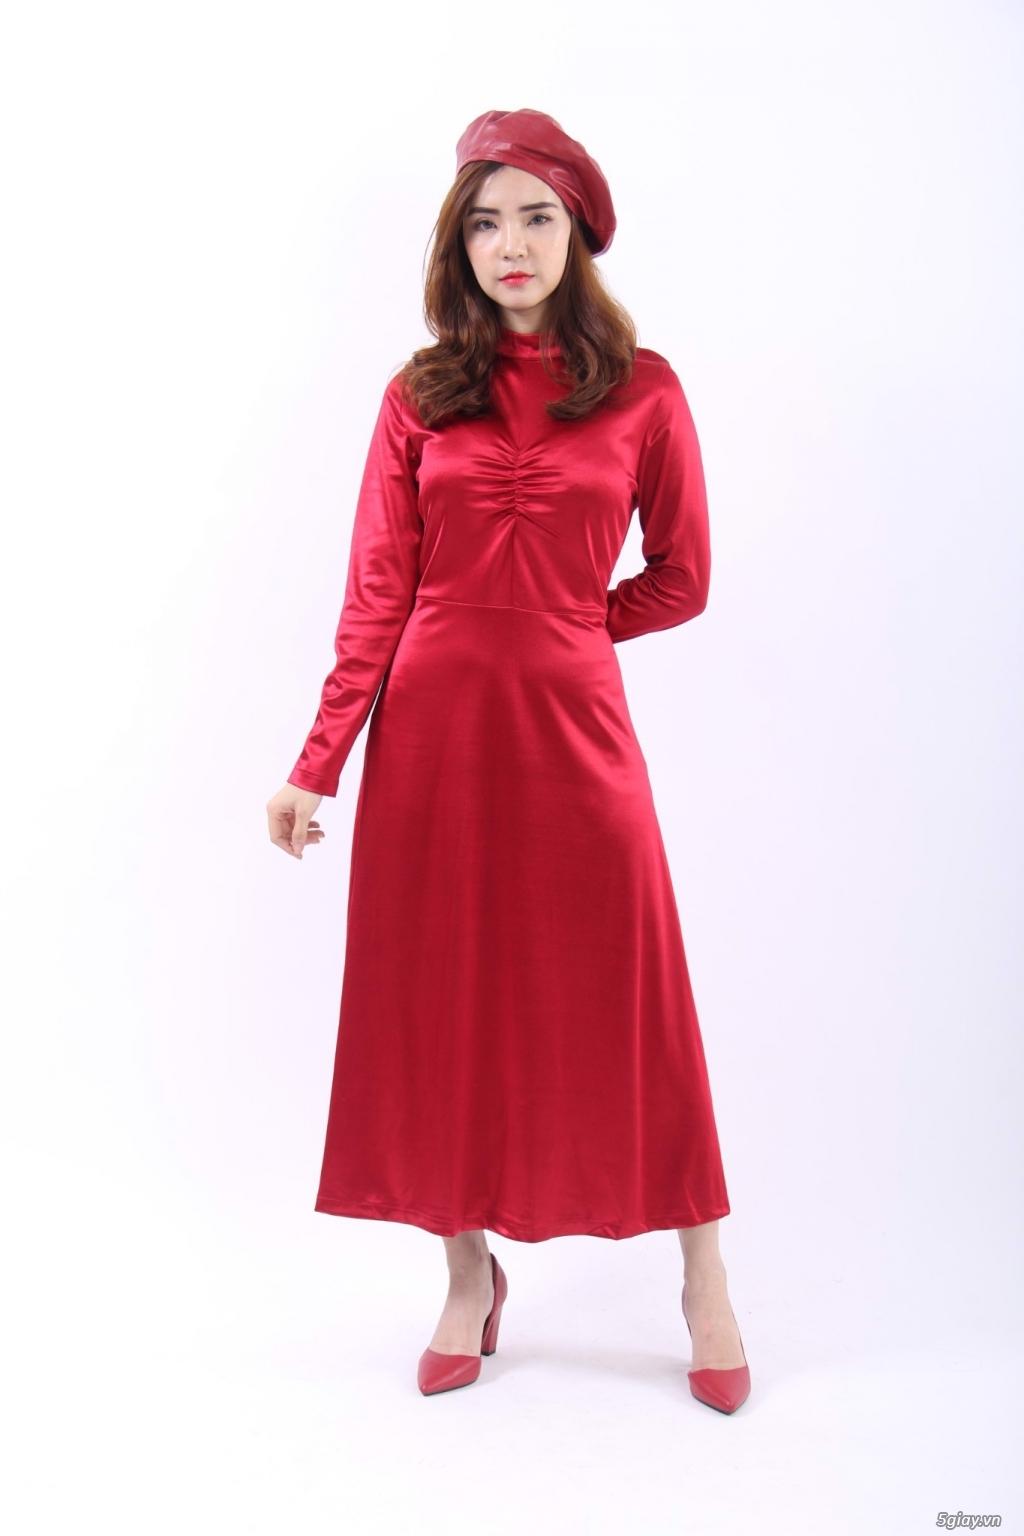 Wal House Fashion - Thương Hiệu Việt - Kiểu dáng đa dạng - 13